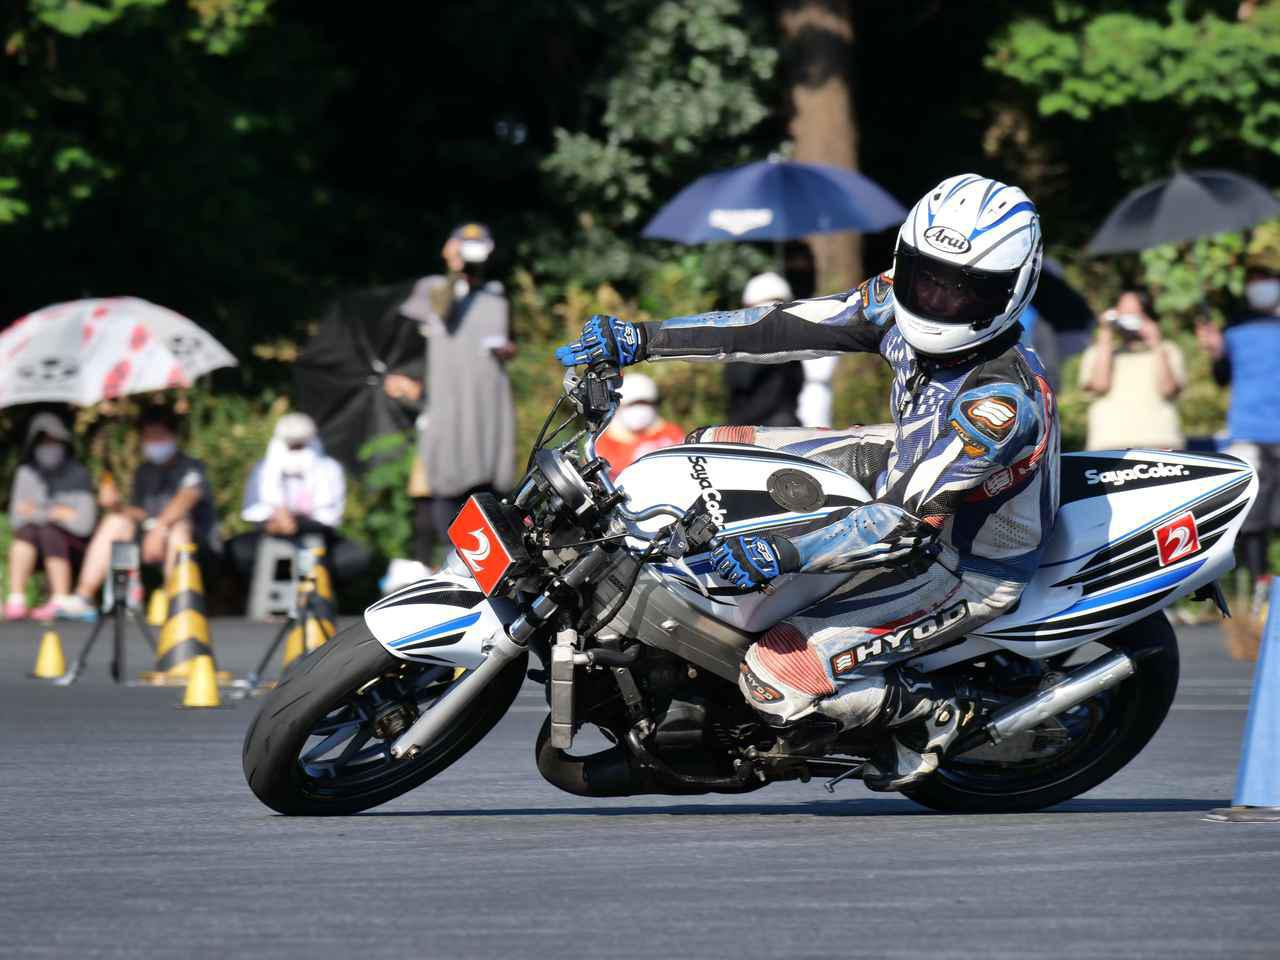 画像: 【オートバイ杯ジムカーナ 第3戦・A級レポート】 - webオートバイ